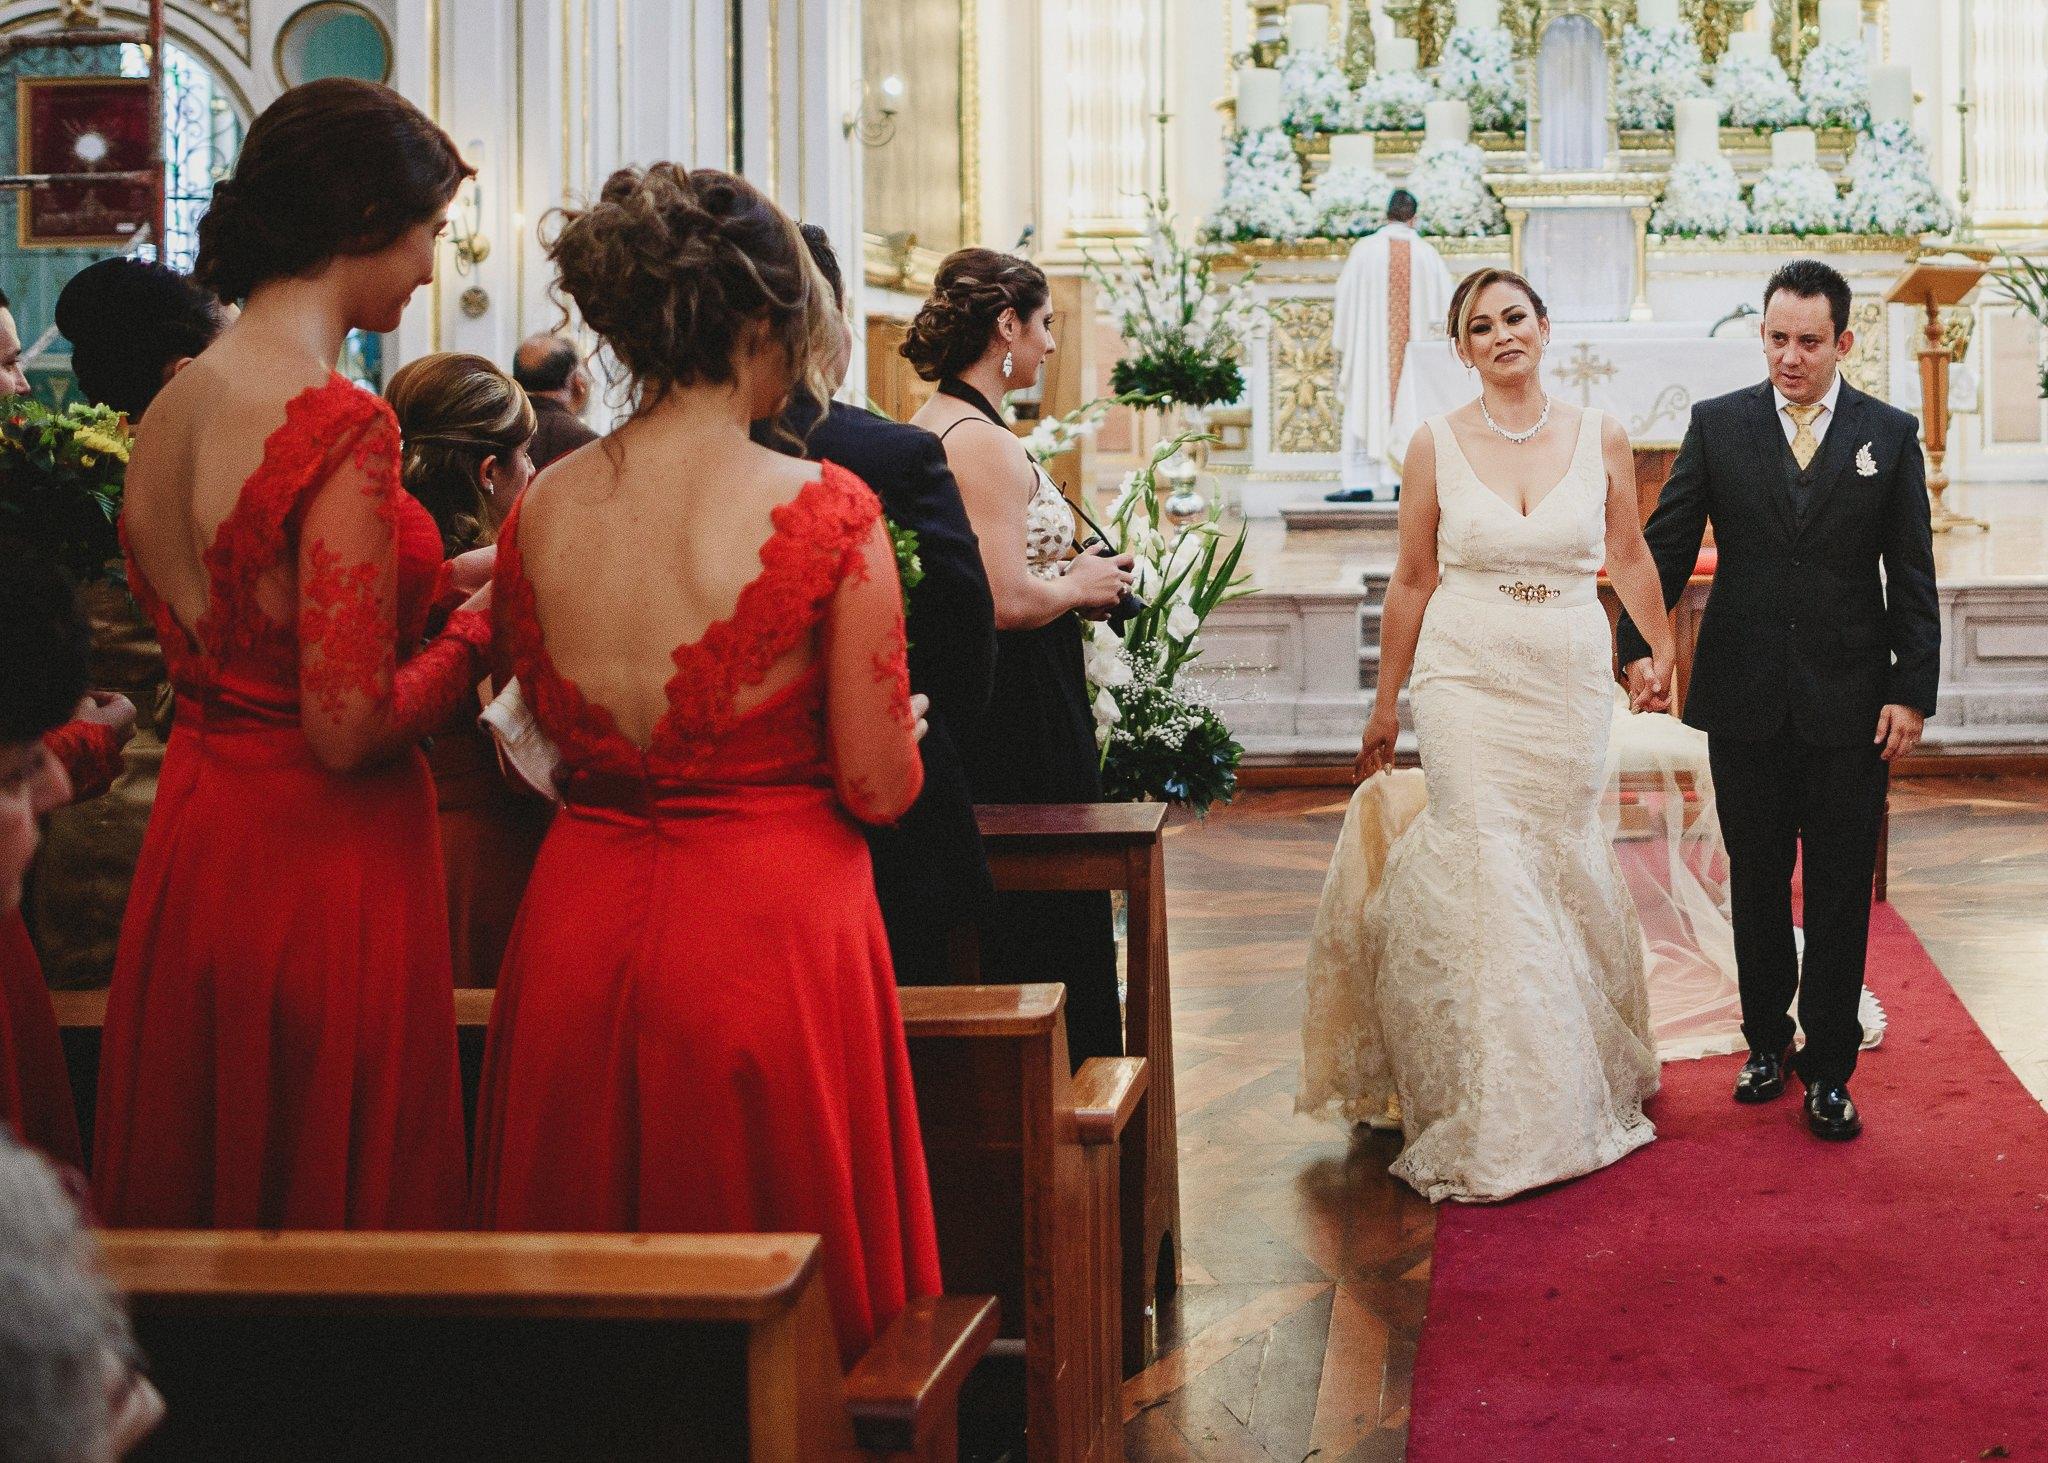 02boda-wedding-ceremonia-templo-barrio-del-encino-aguascalientes-fotografo-luis-houdin71